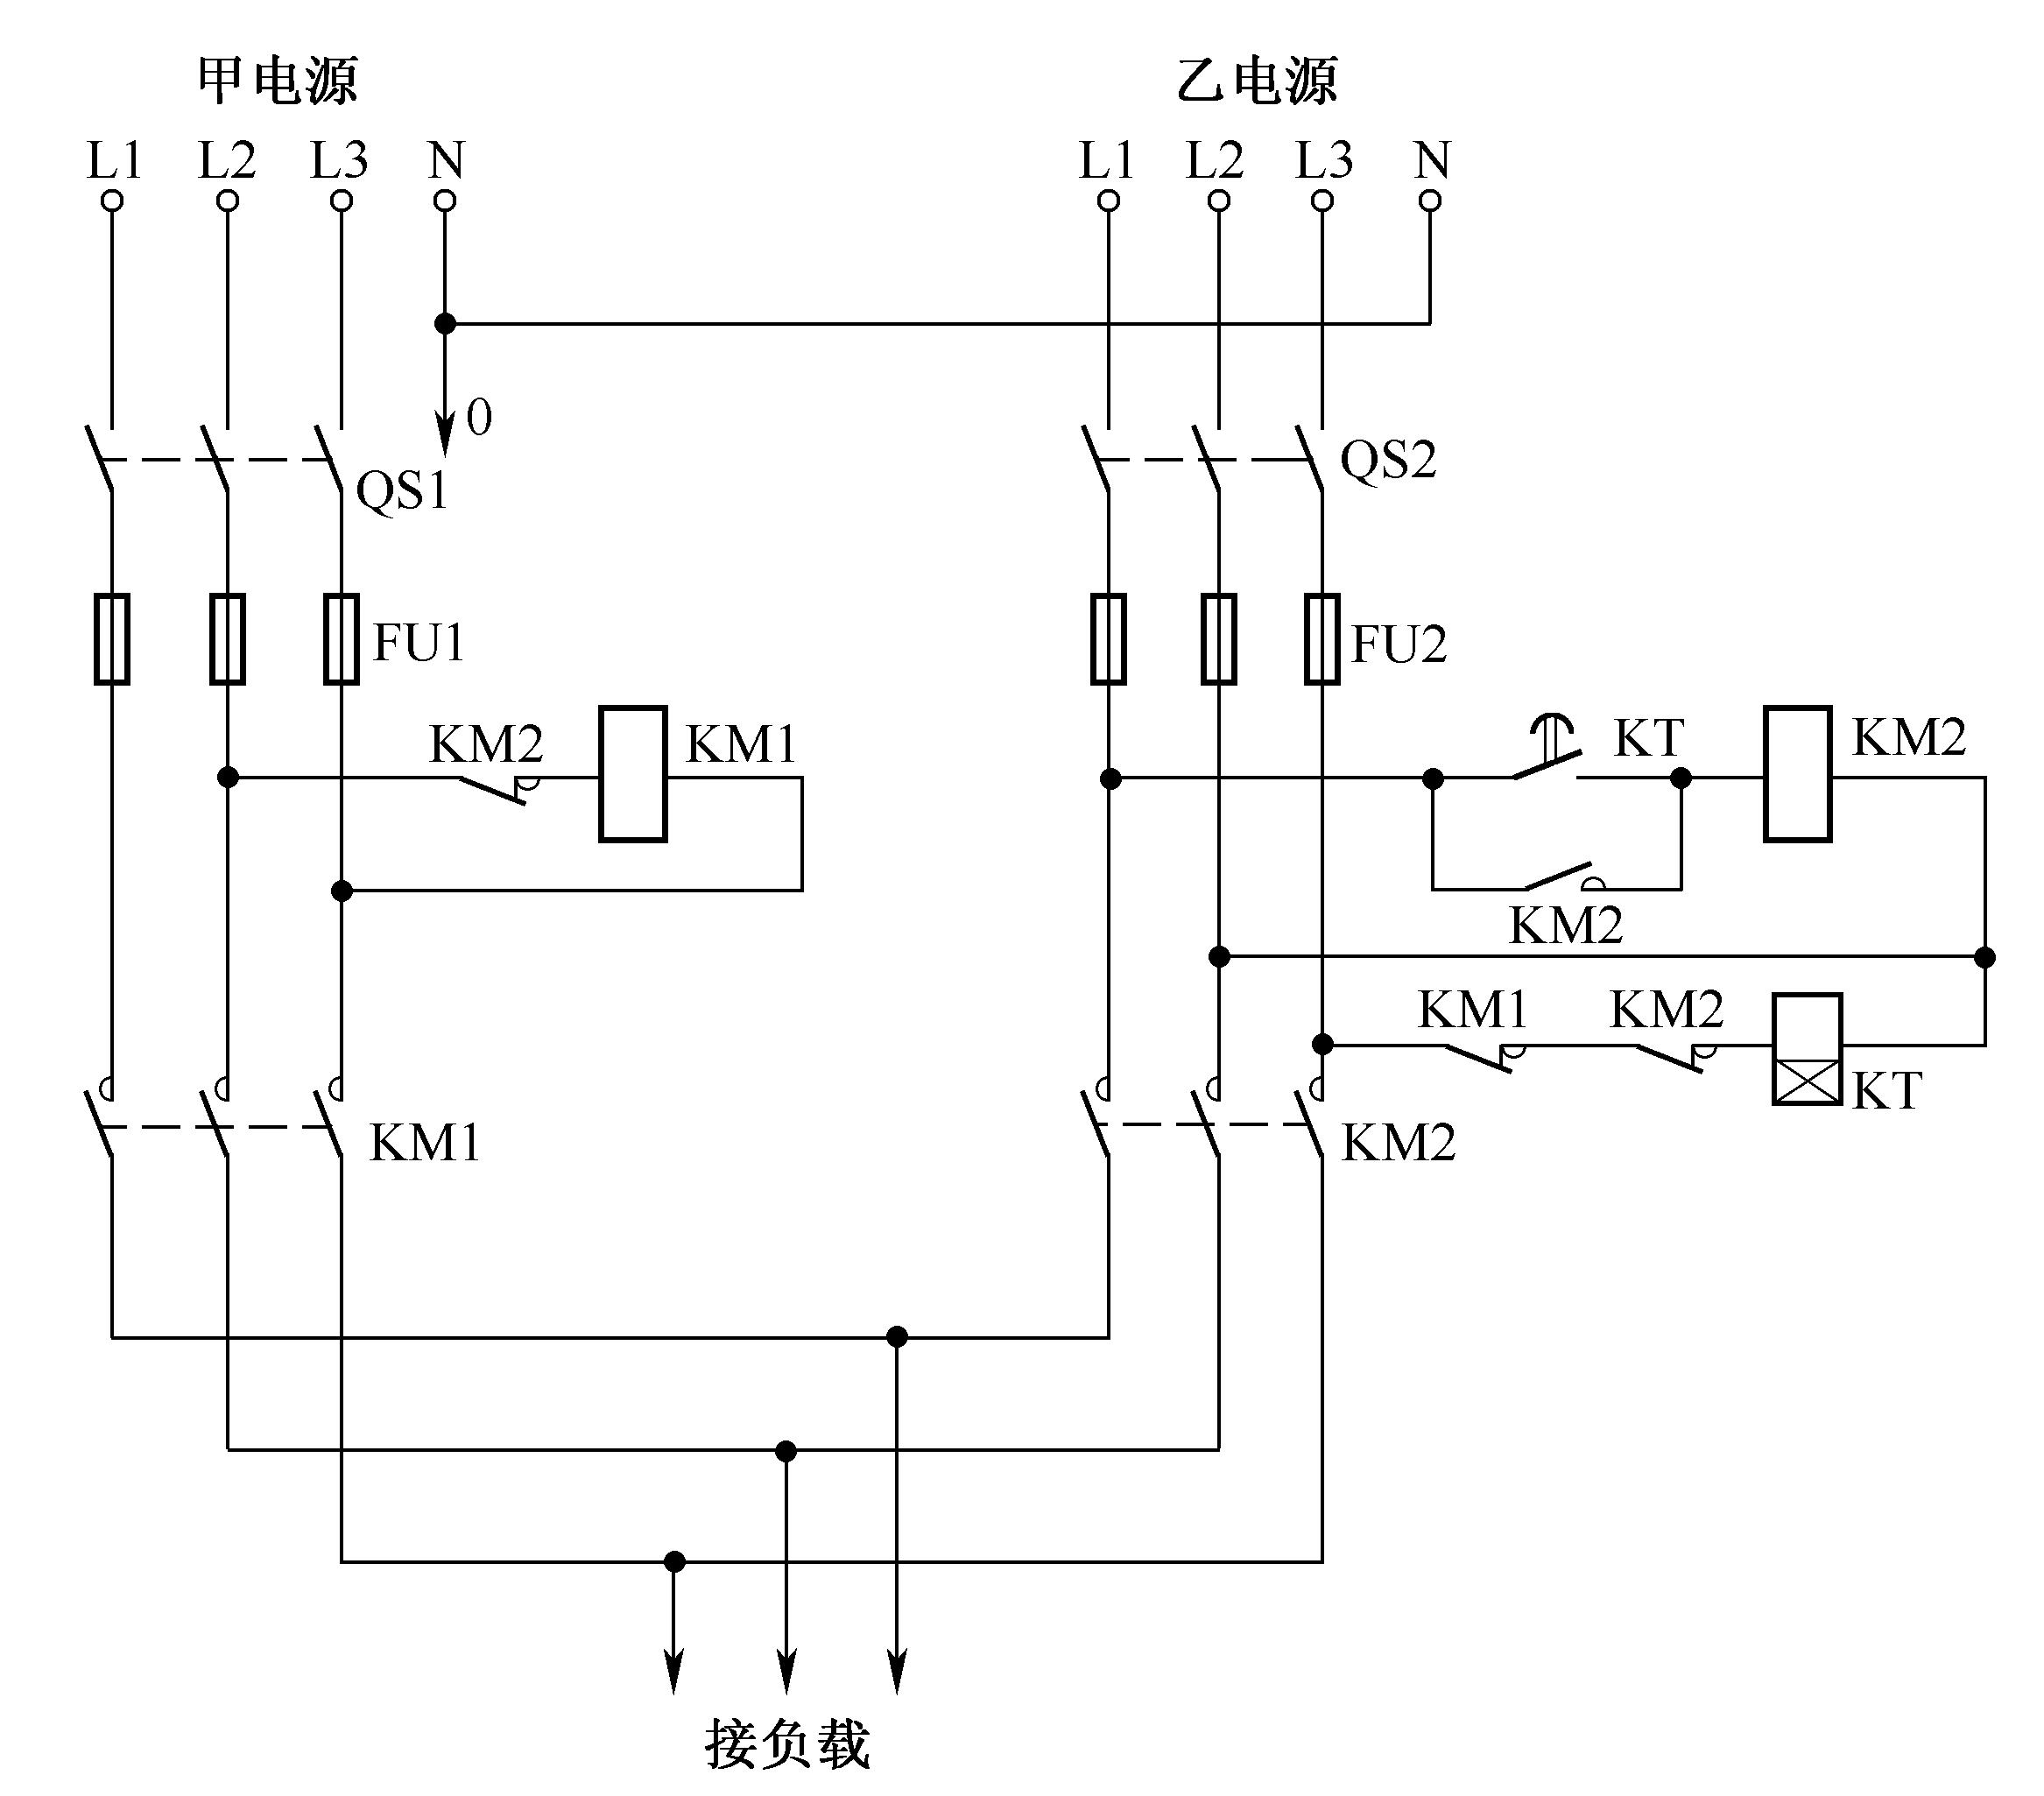 科技 正文  本文选自《超实用电工电路图集》 1.